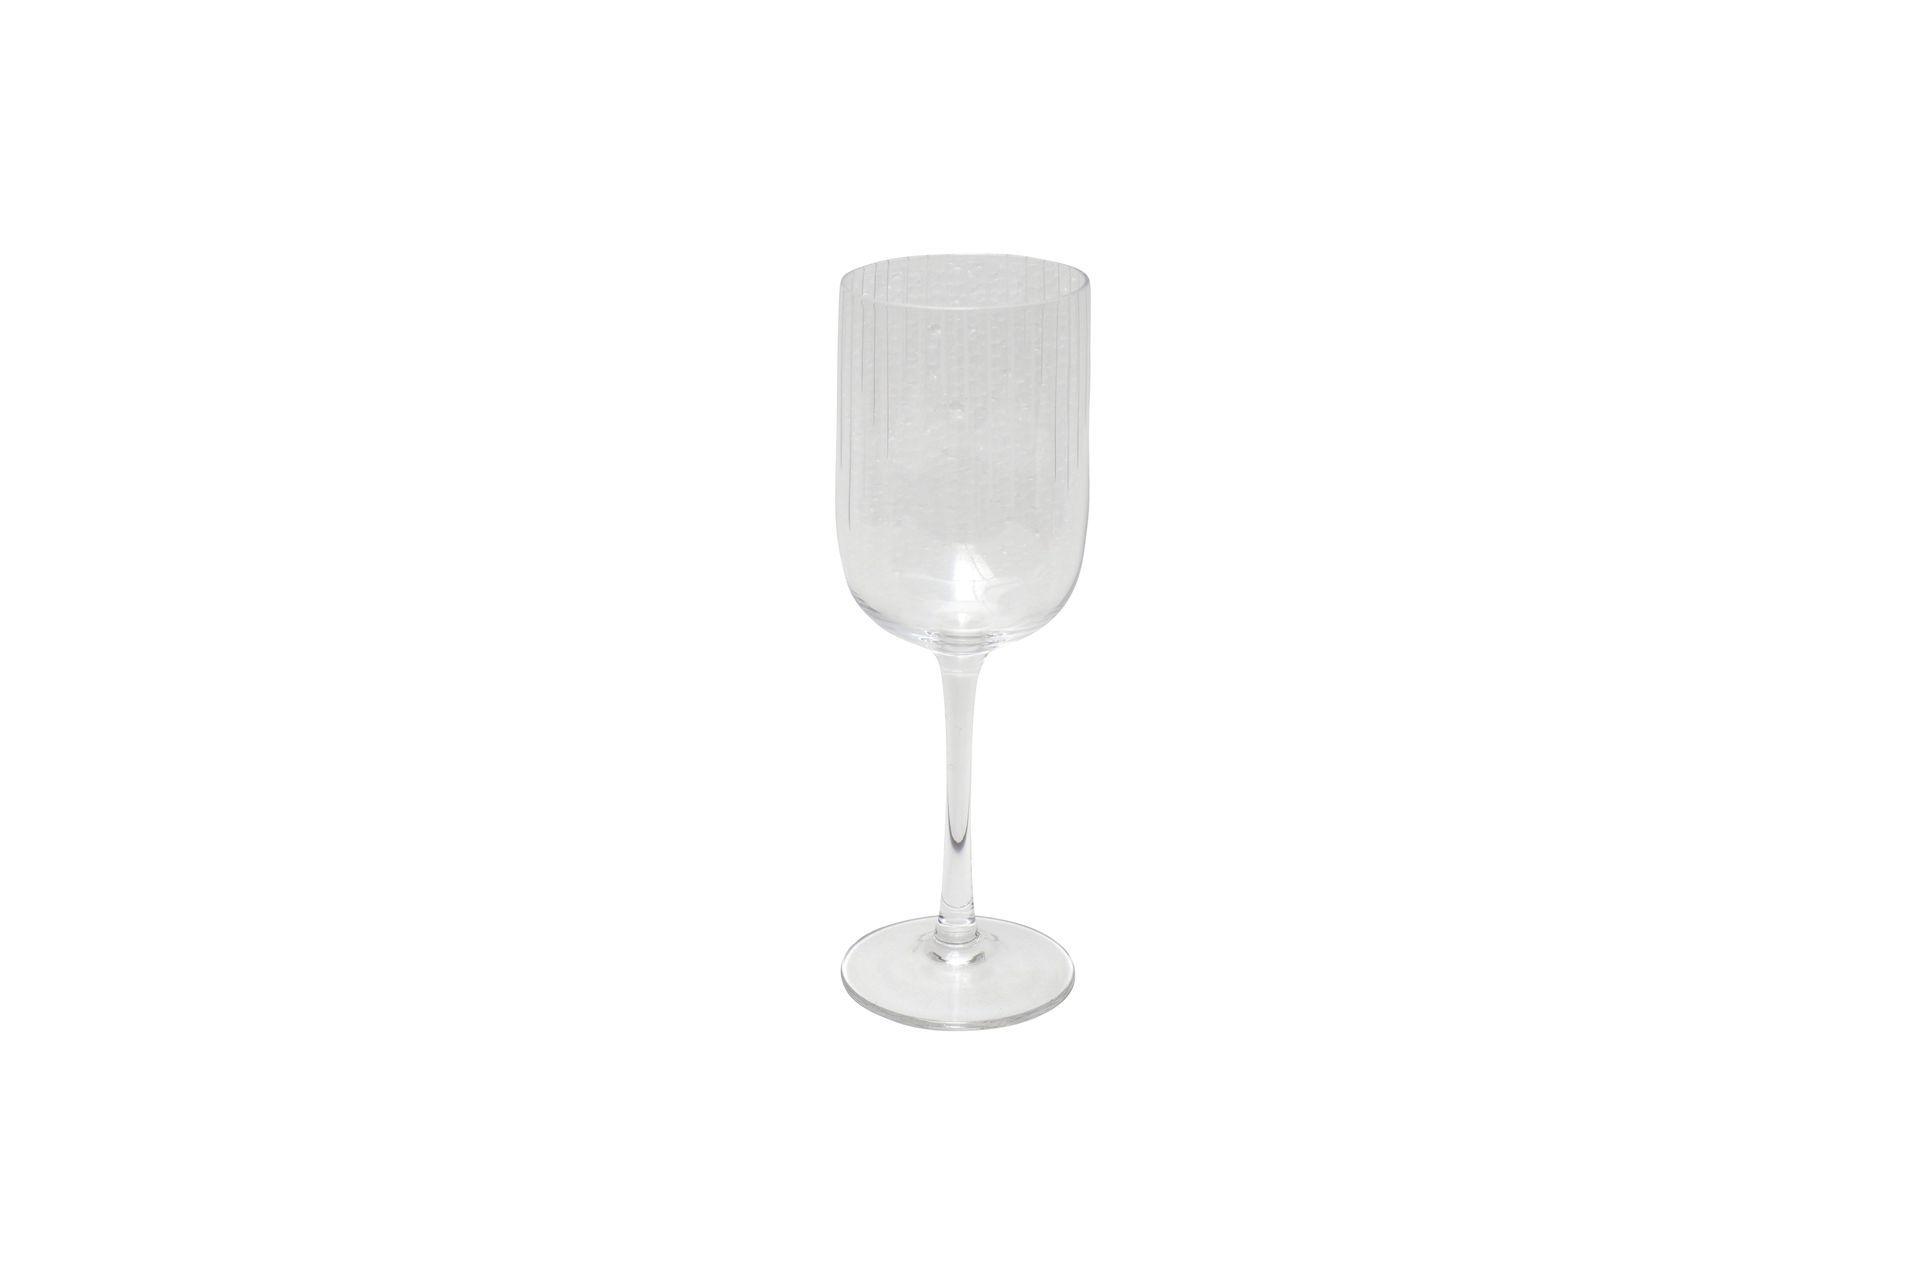 Verre à vin blanc en verre transparent